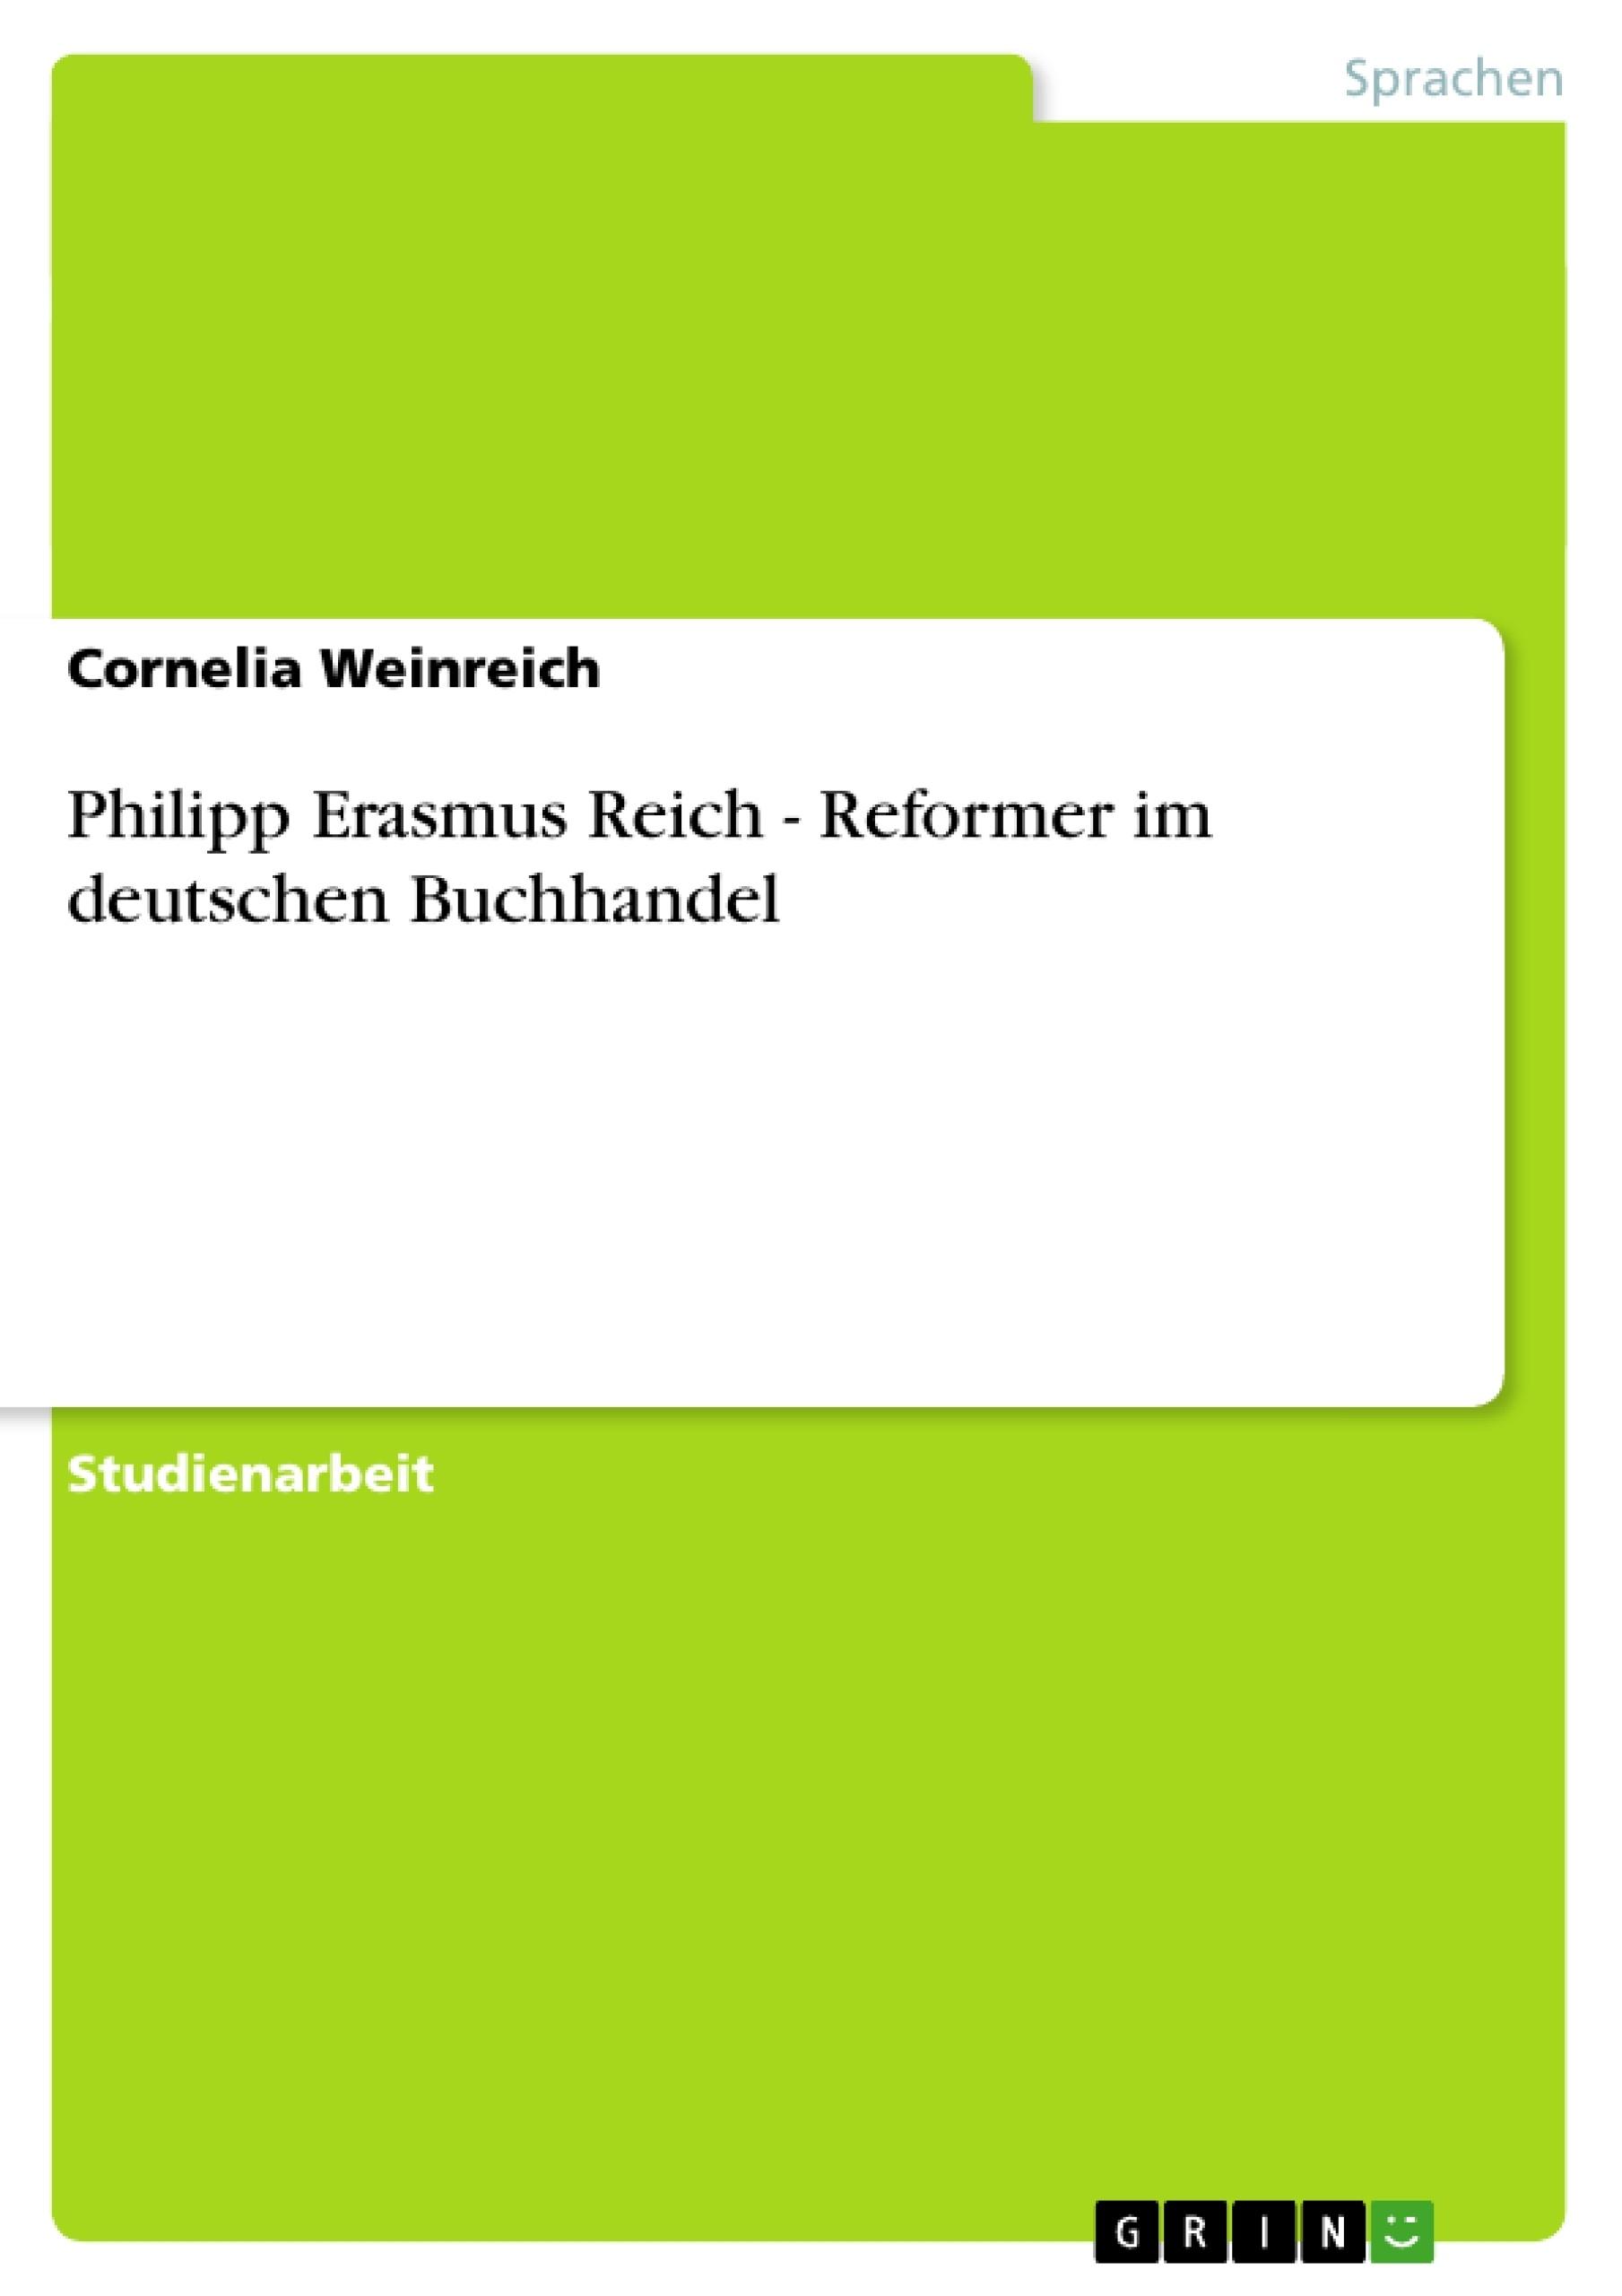 Titel: Philipp Erasmus Reich - Reformer im deutschen Buchhandel